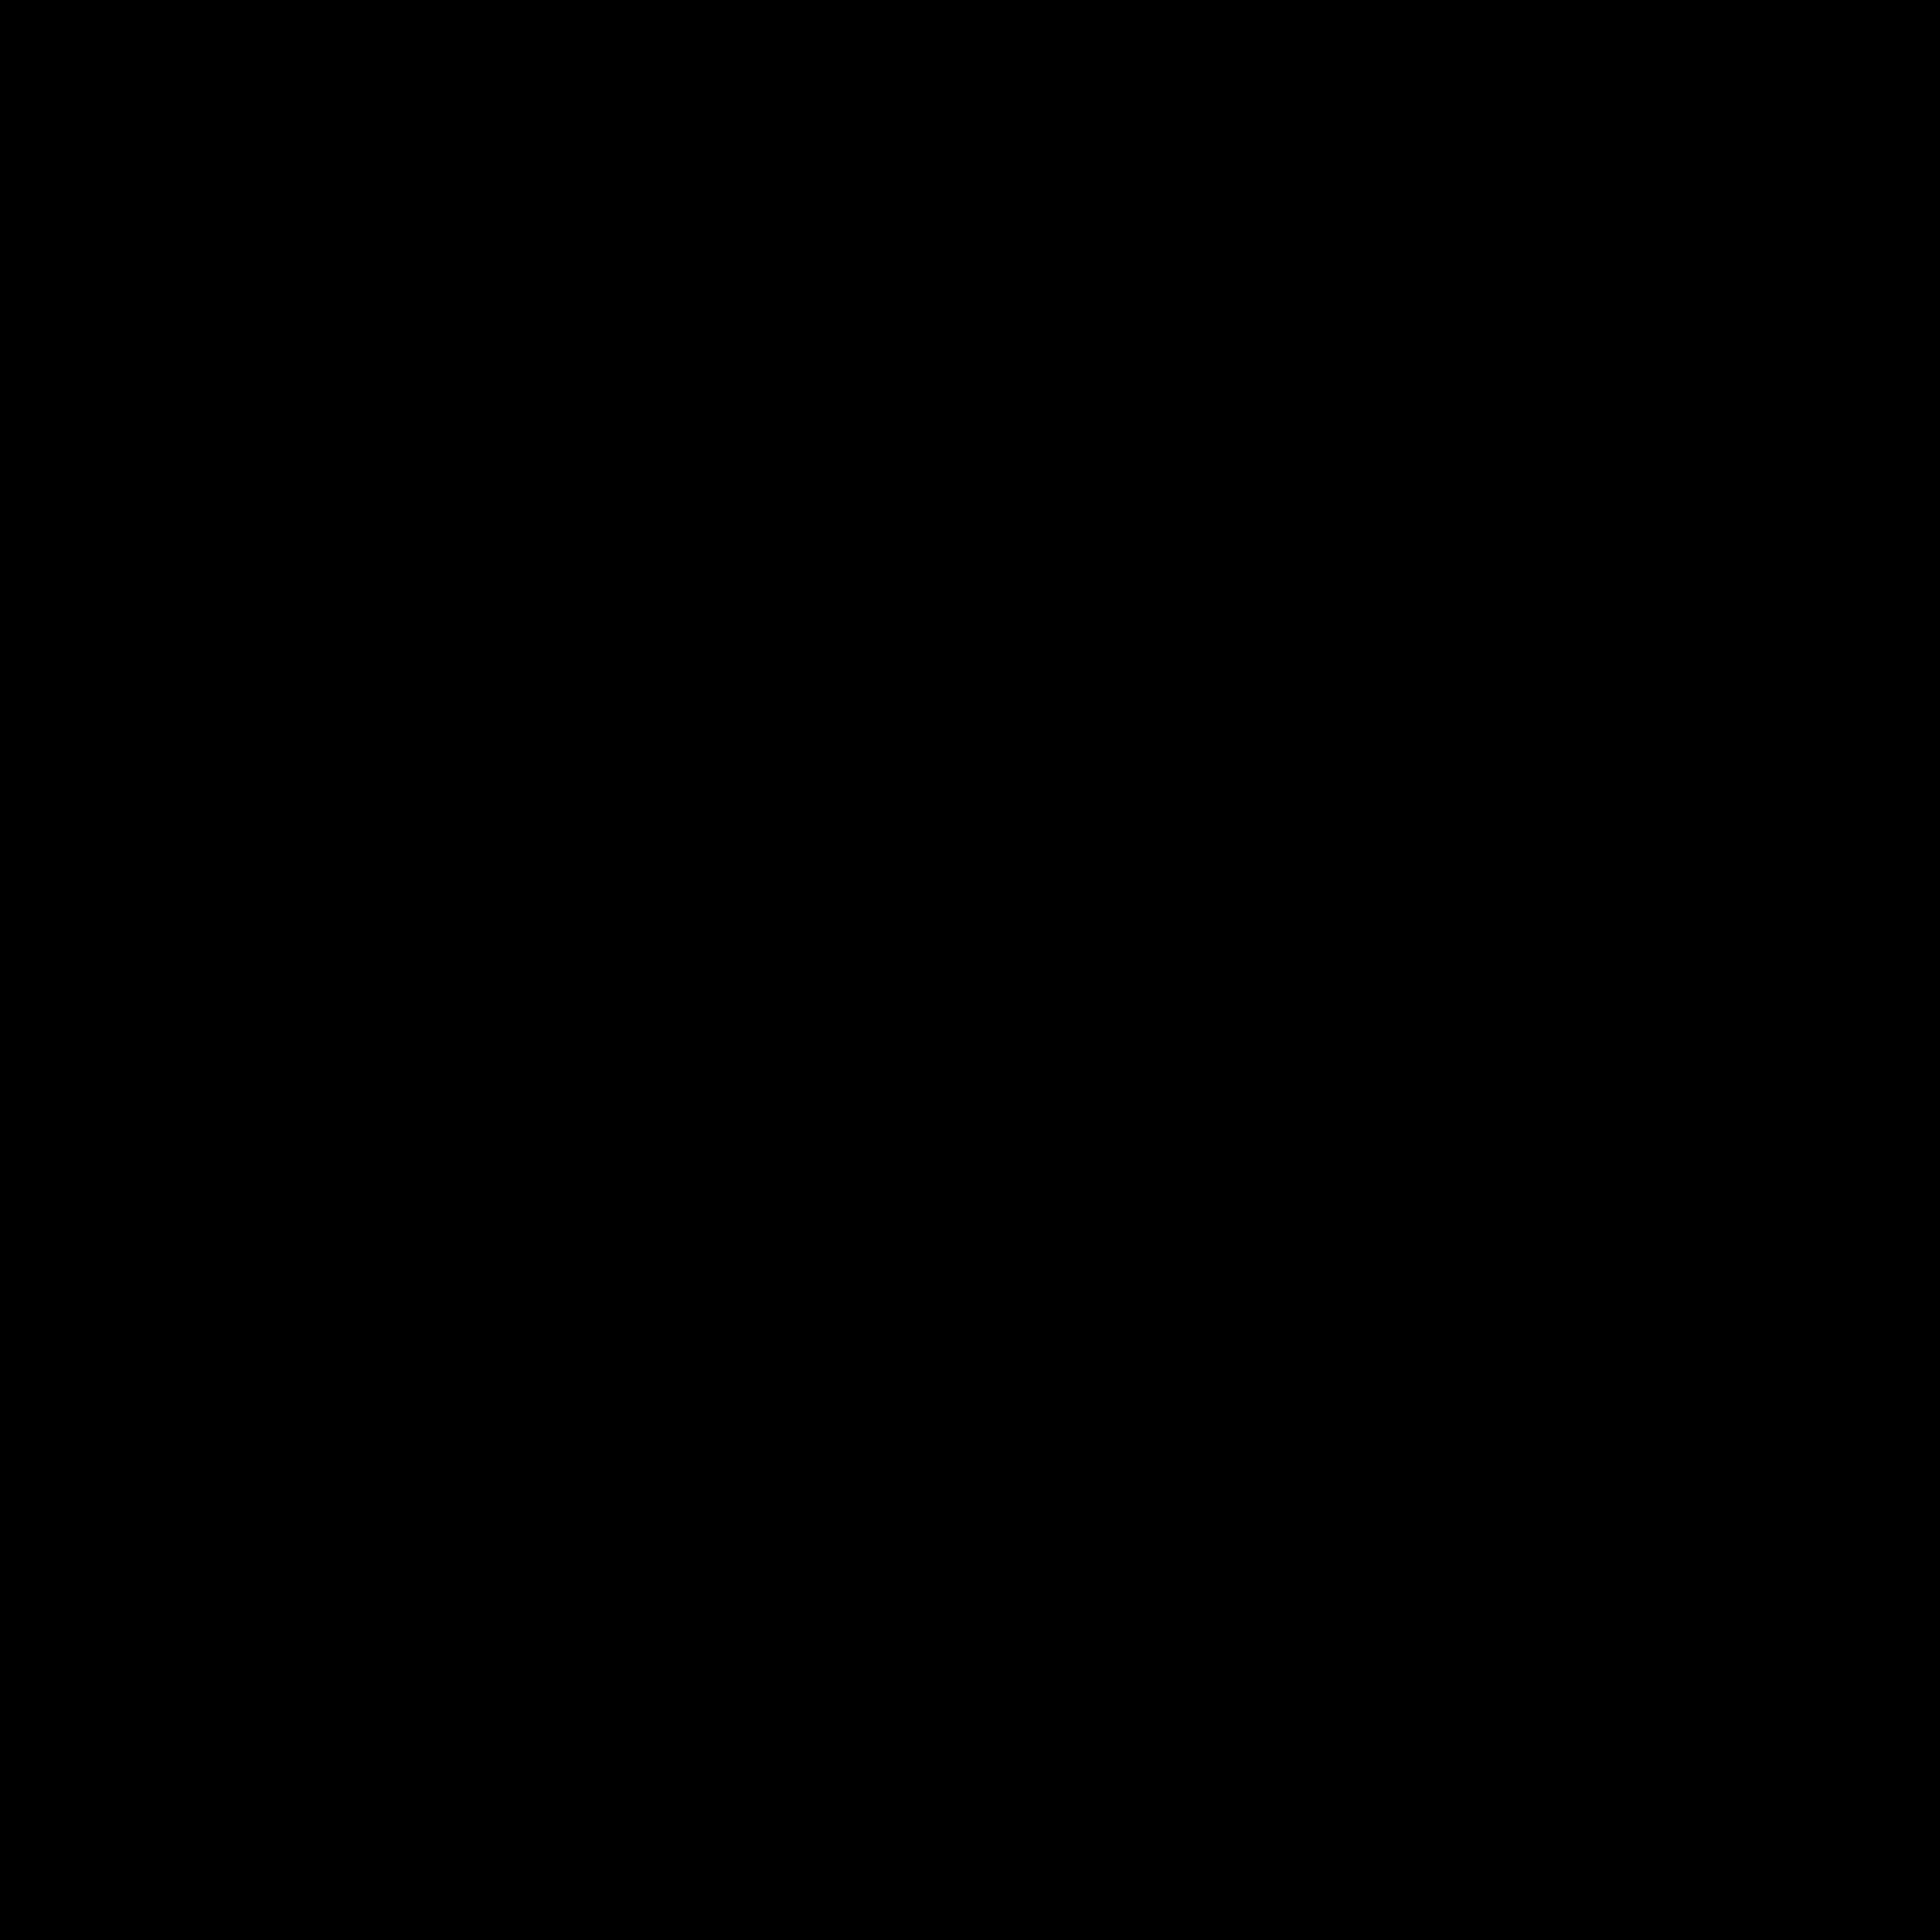 Sho-Me Clean Logo